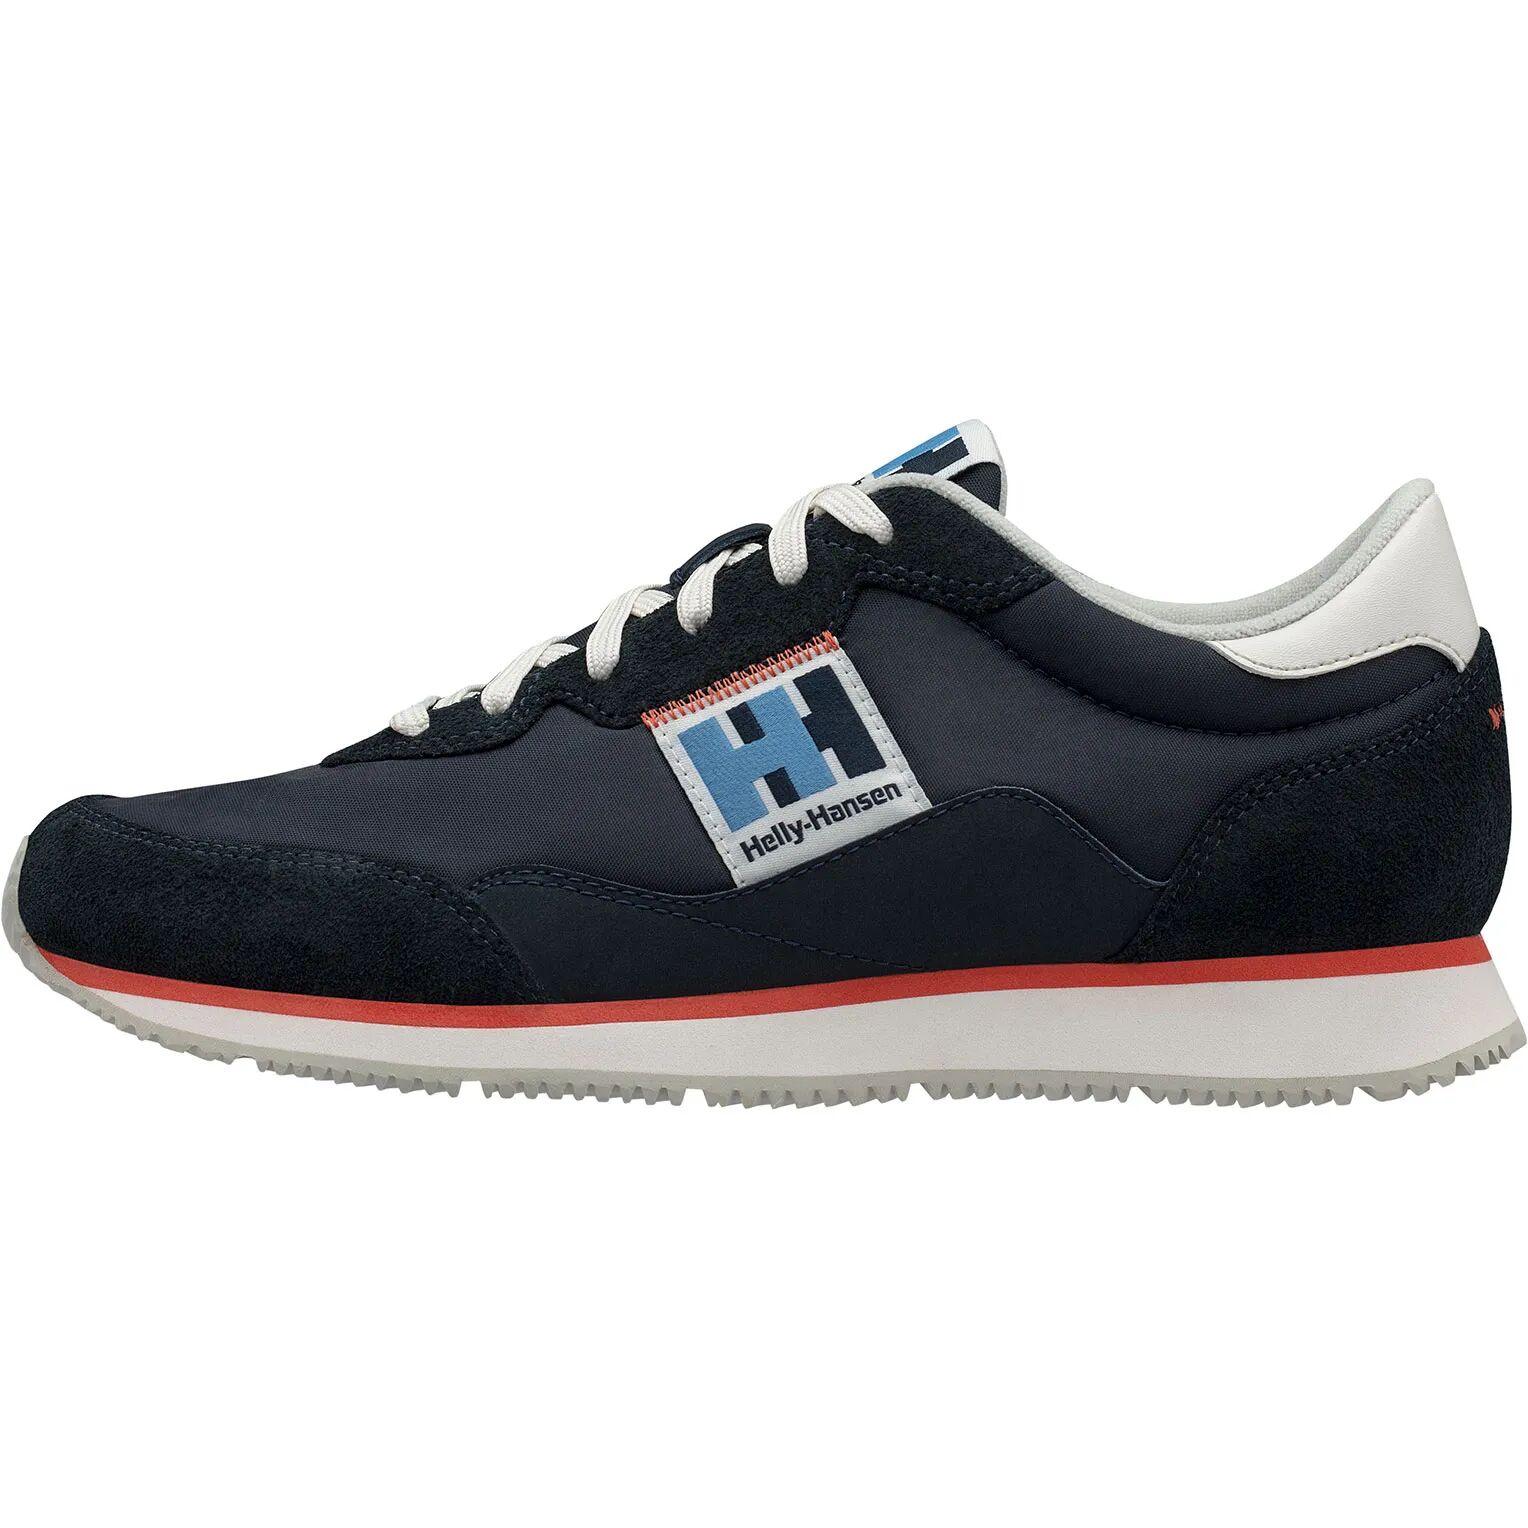 Helly Hansen W Ripples Lowcut Sneaker Womens Casual Shoe Navy 40/8.5